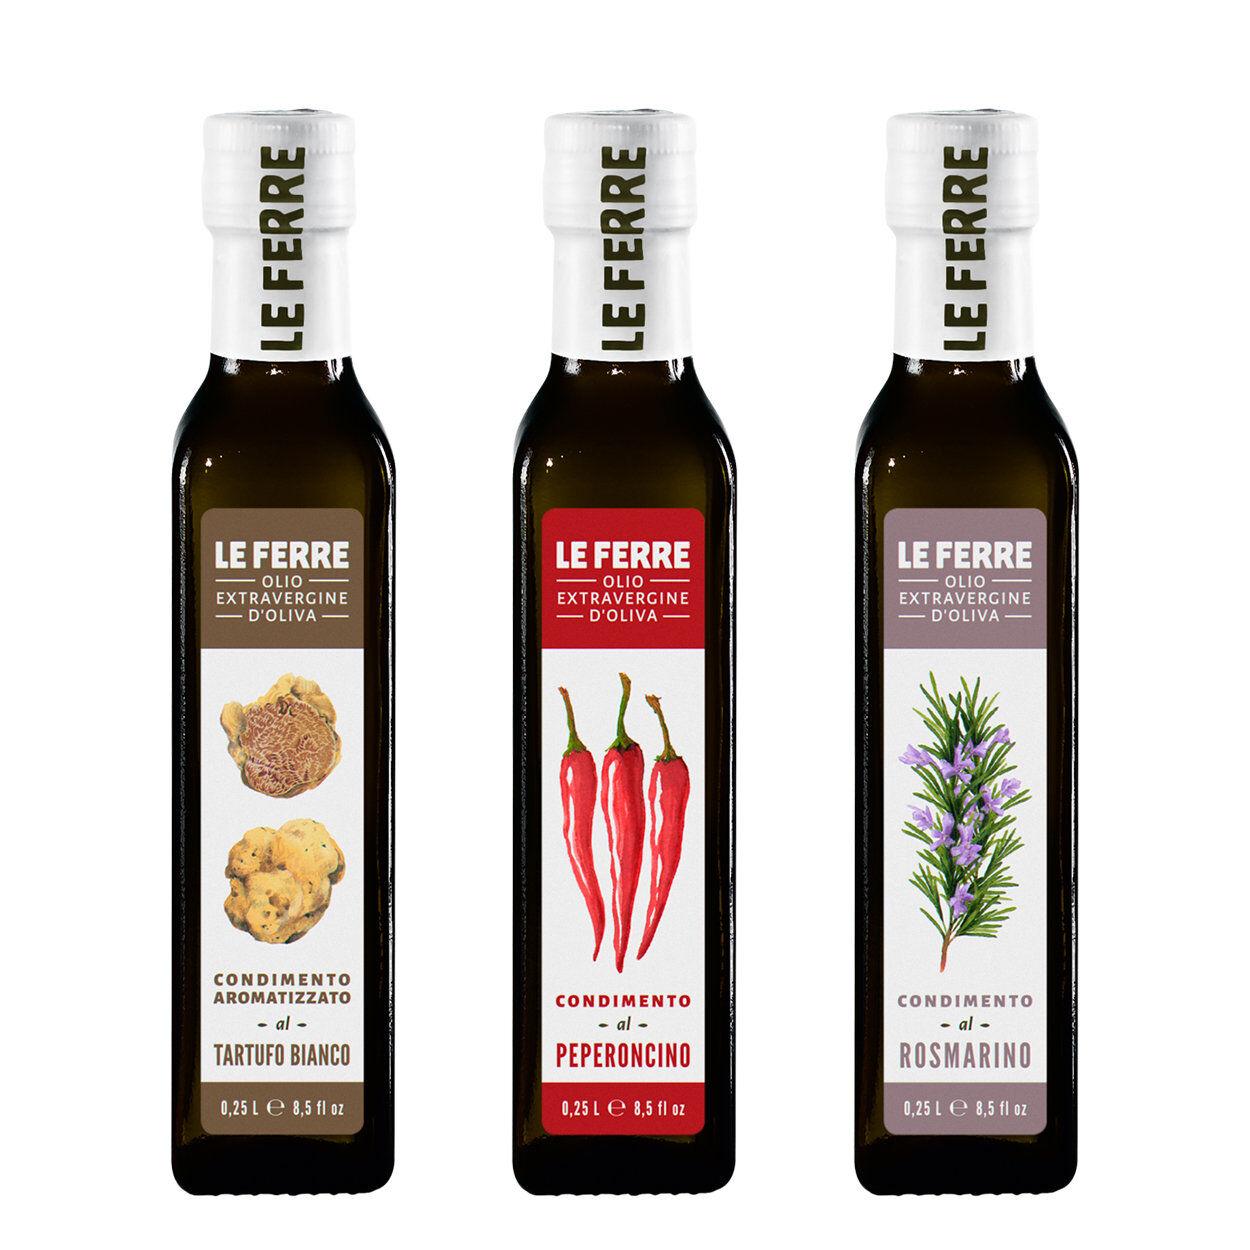 Le Ferre 3 bottiglie - Condimento aromatizzato 0,25 lt: Tartufo Bianco - Peperoncino - Rosmarino